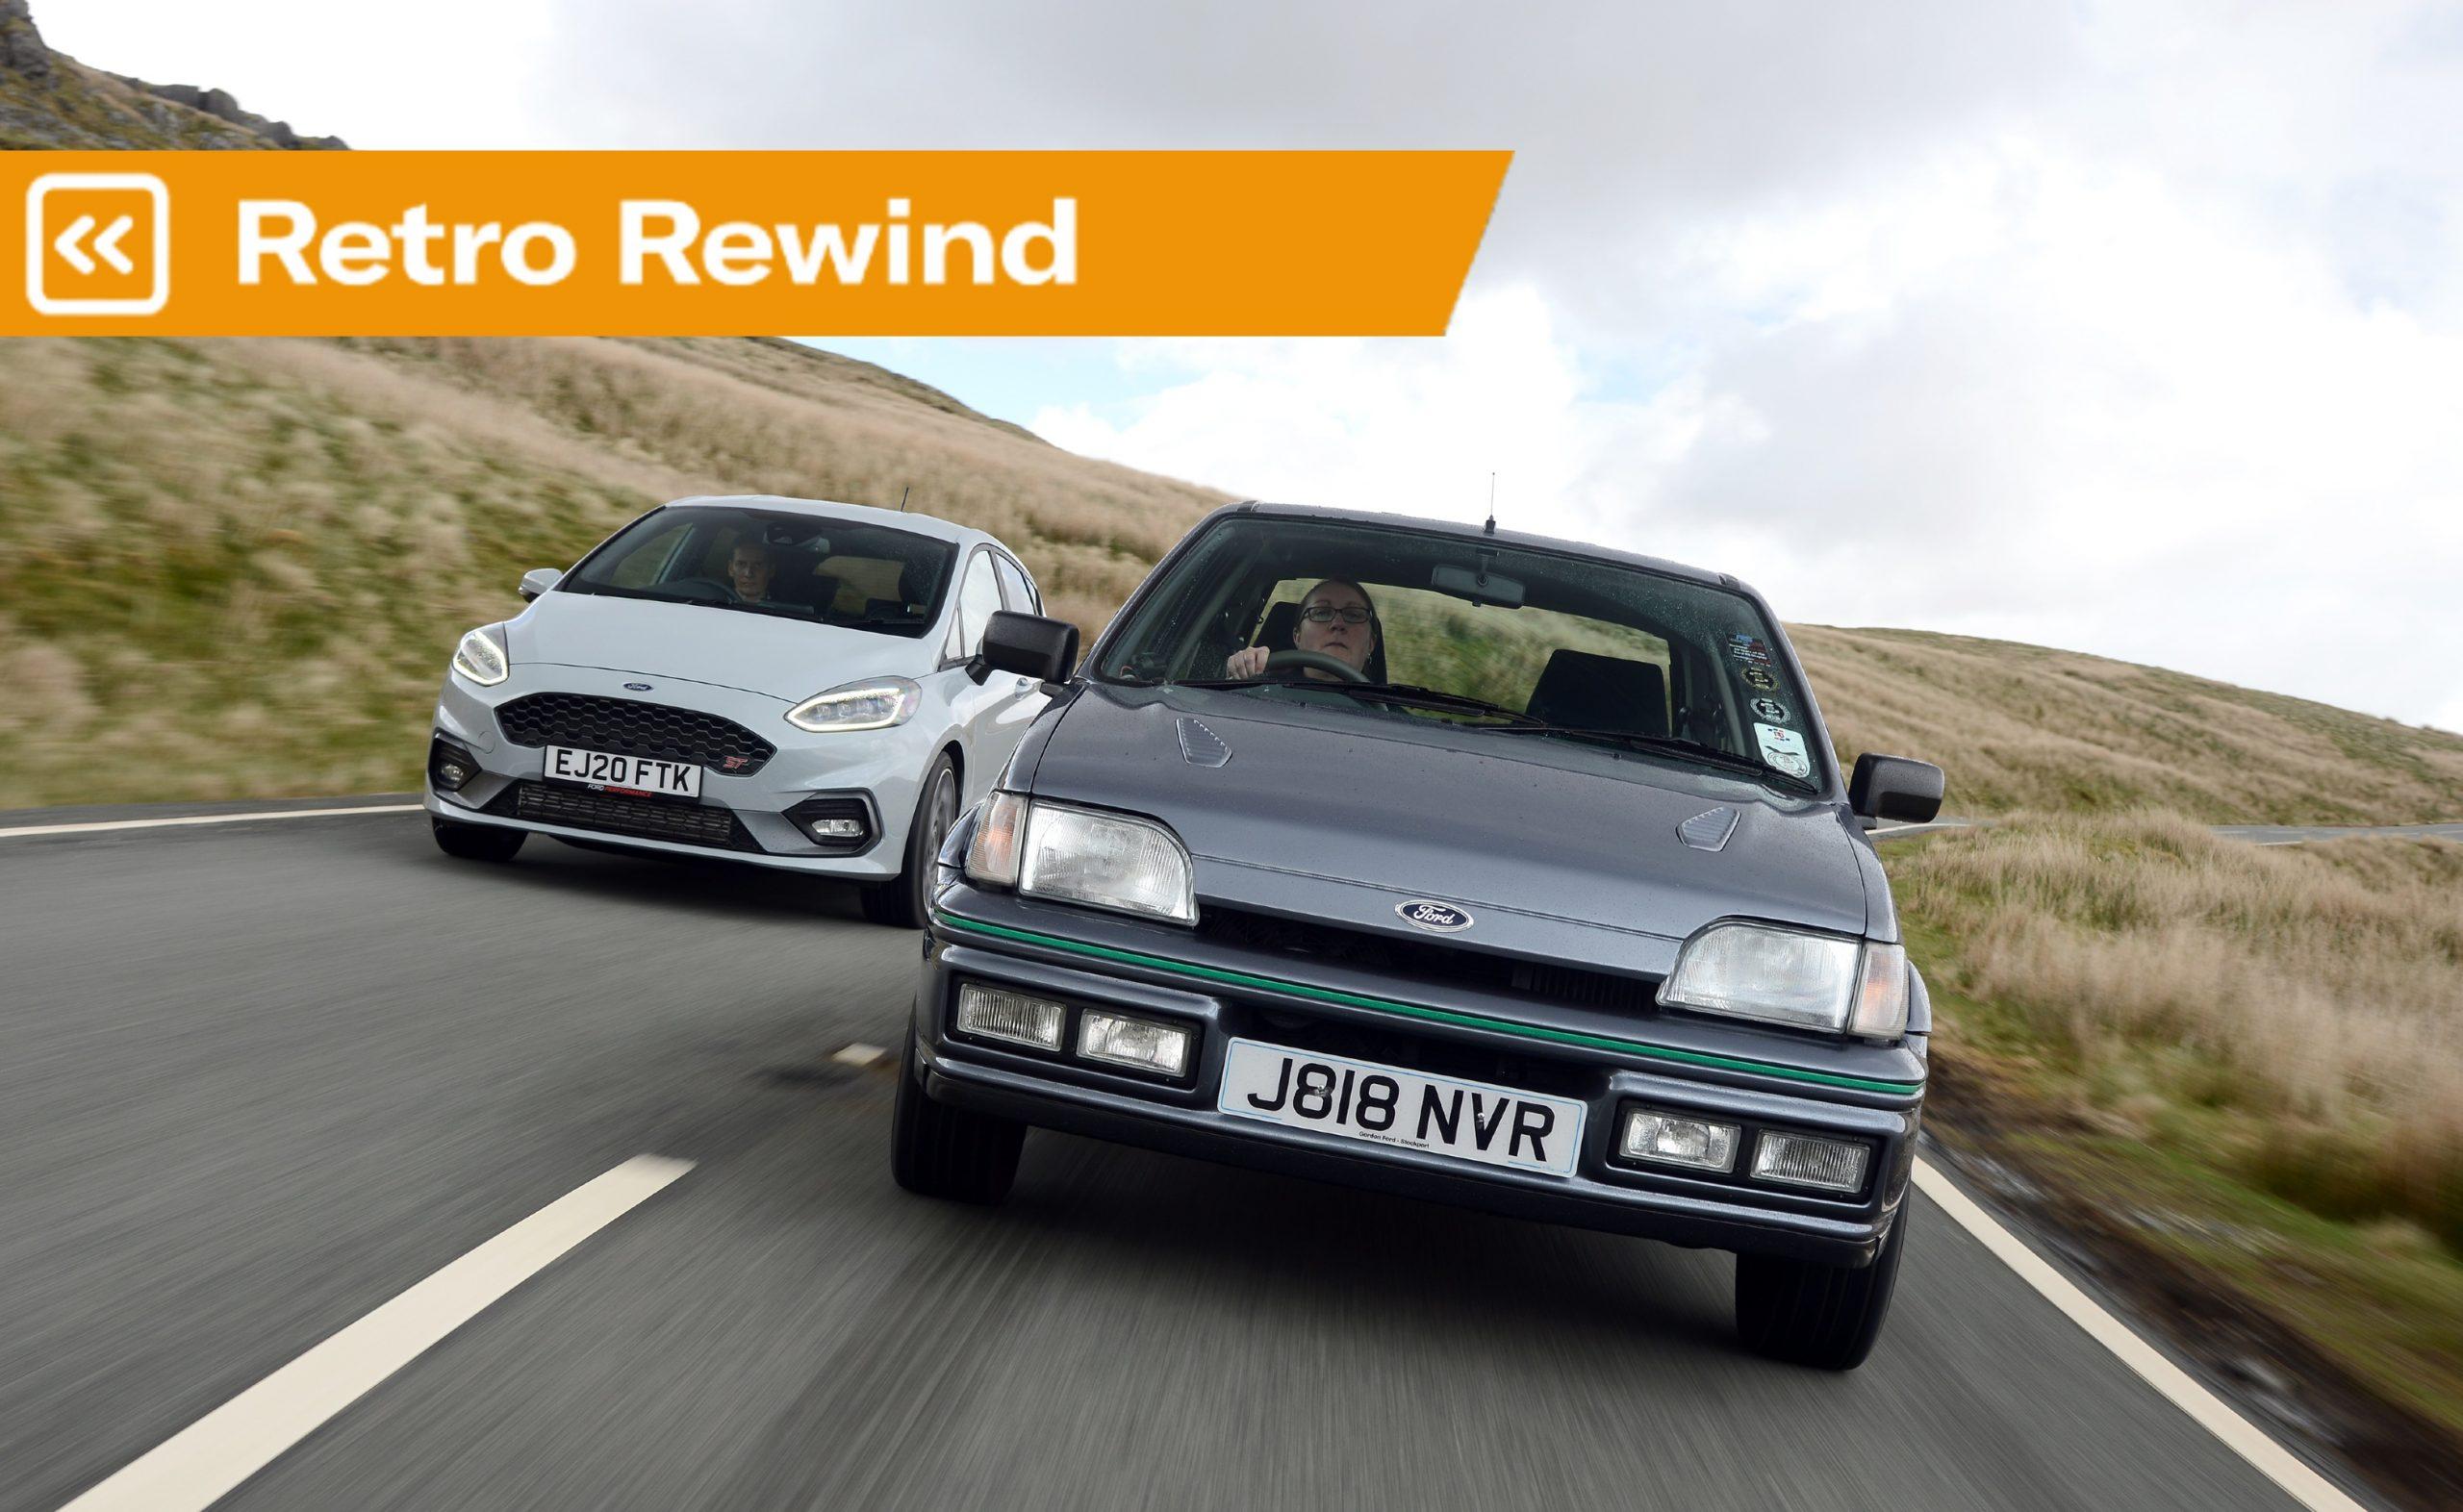 Retro Rewind: Ford Fiesta RS Turbo vs Fiesta ST